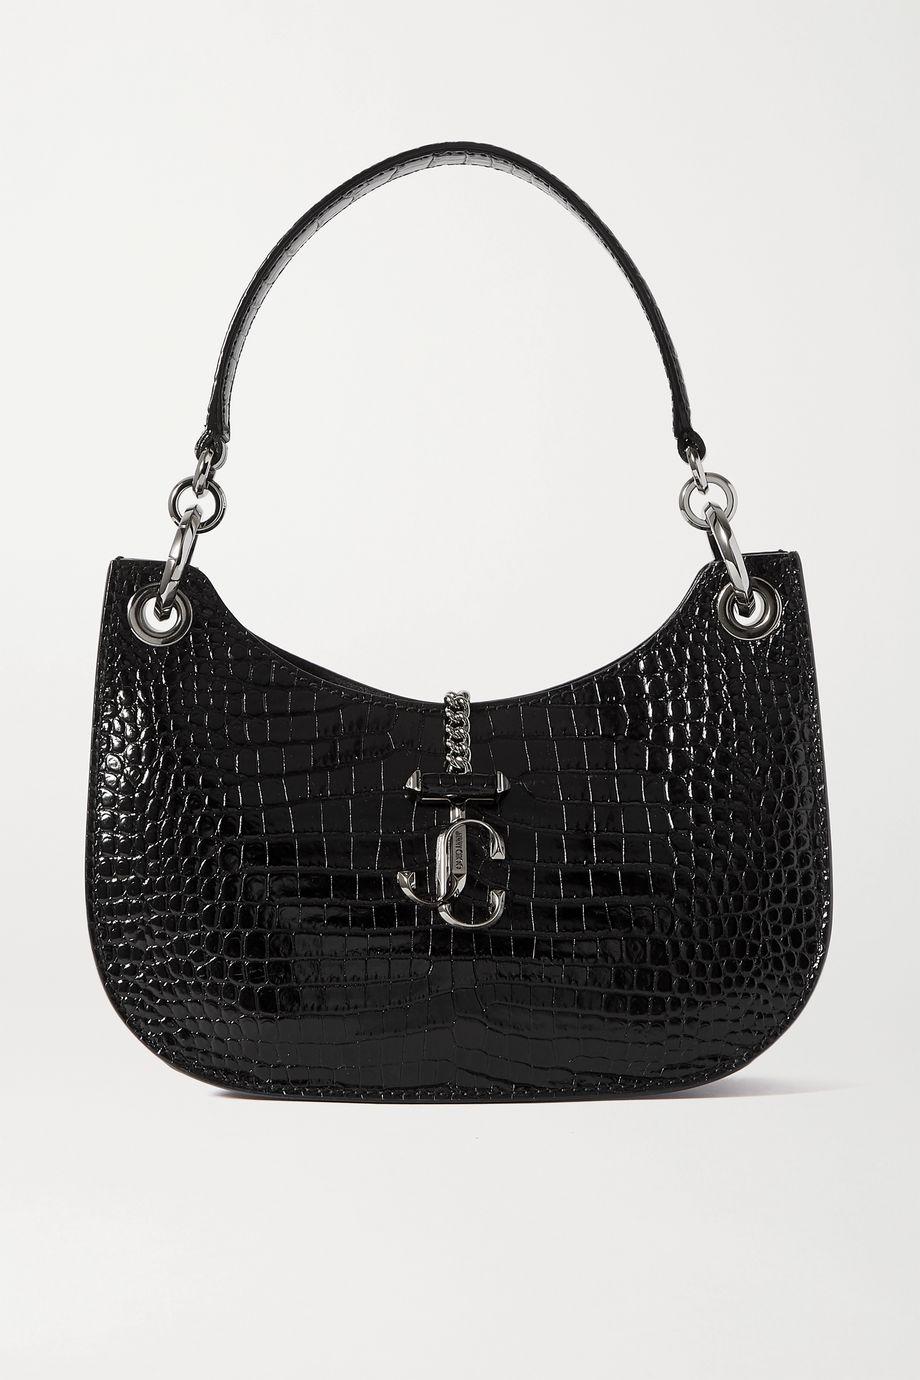 Jimmy Choo Verenne croc-effect leather shoulder bag